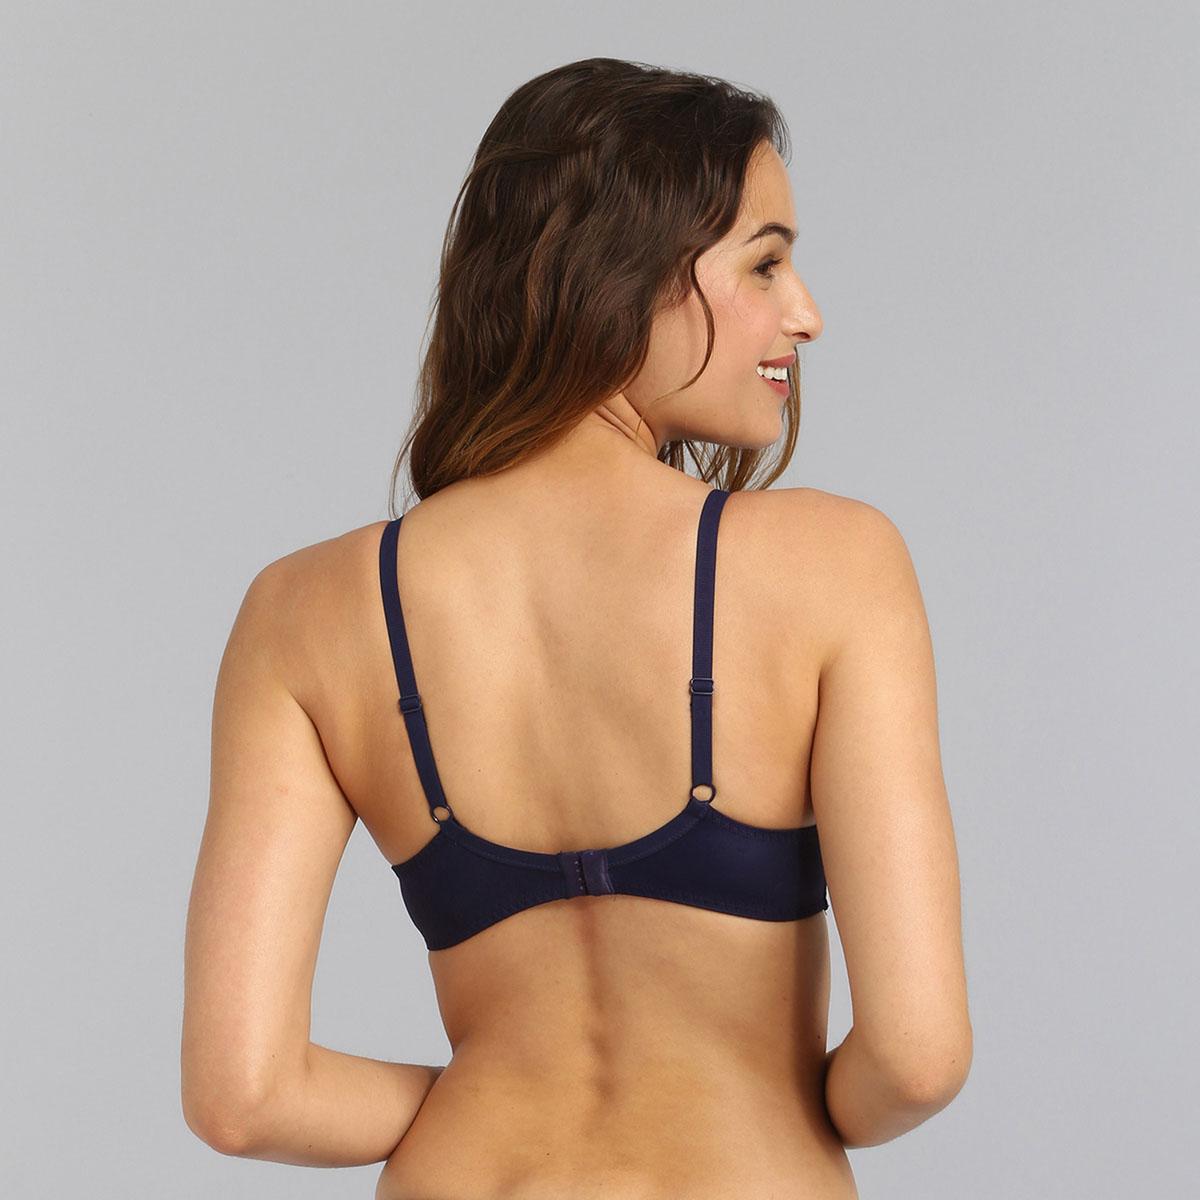 Reggiseno con ferretto blu marino Essential Elegance Ricamo, , PLAYTEX